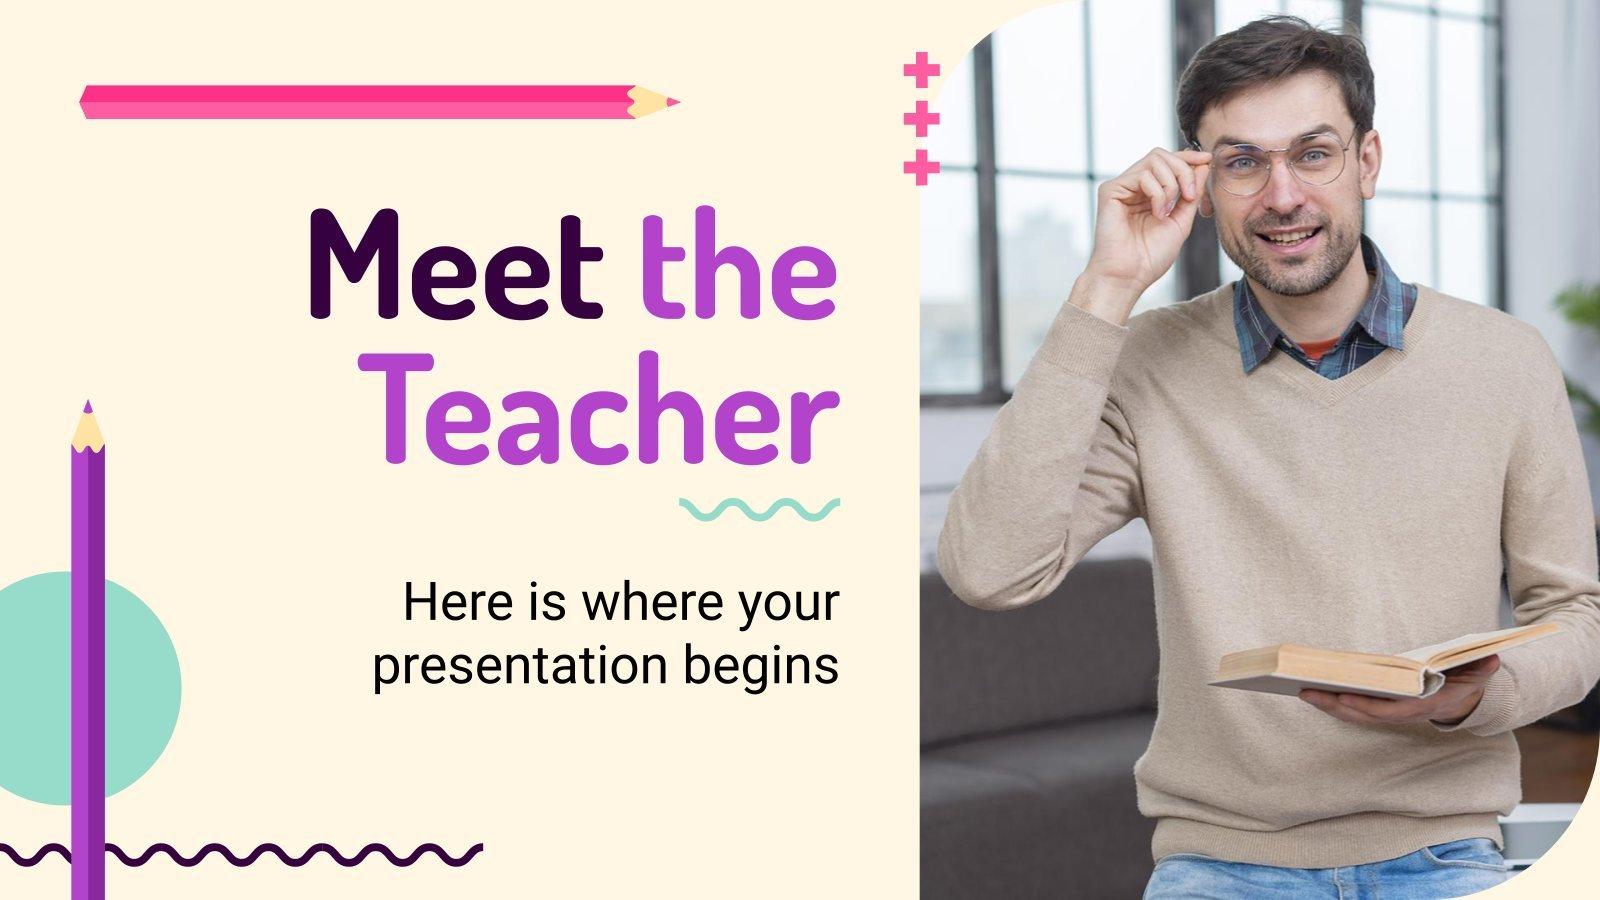 Meet the Teacher presentation template